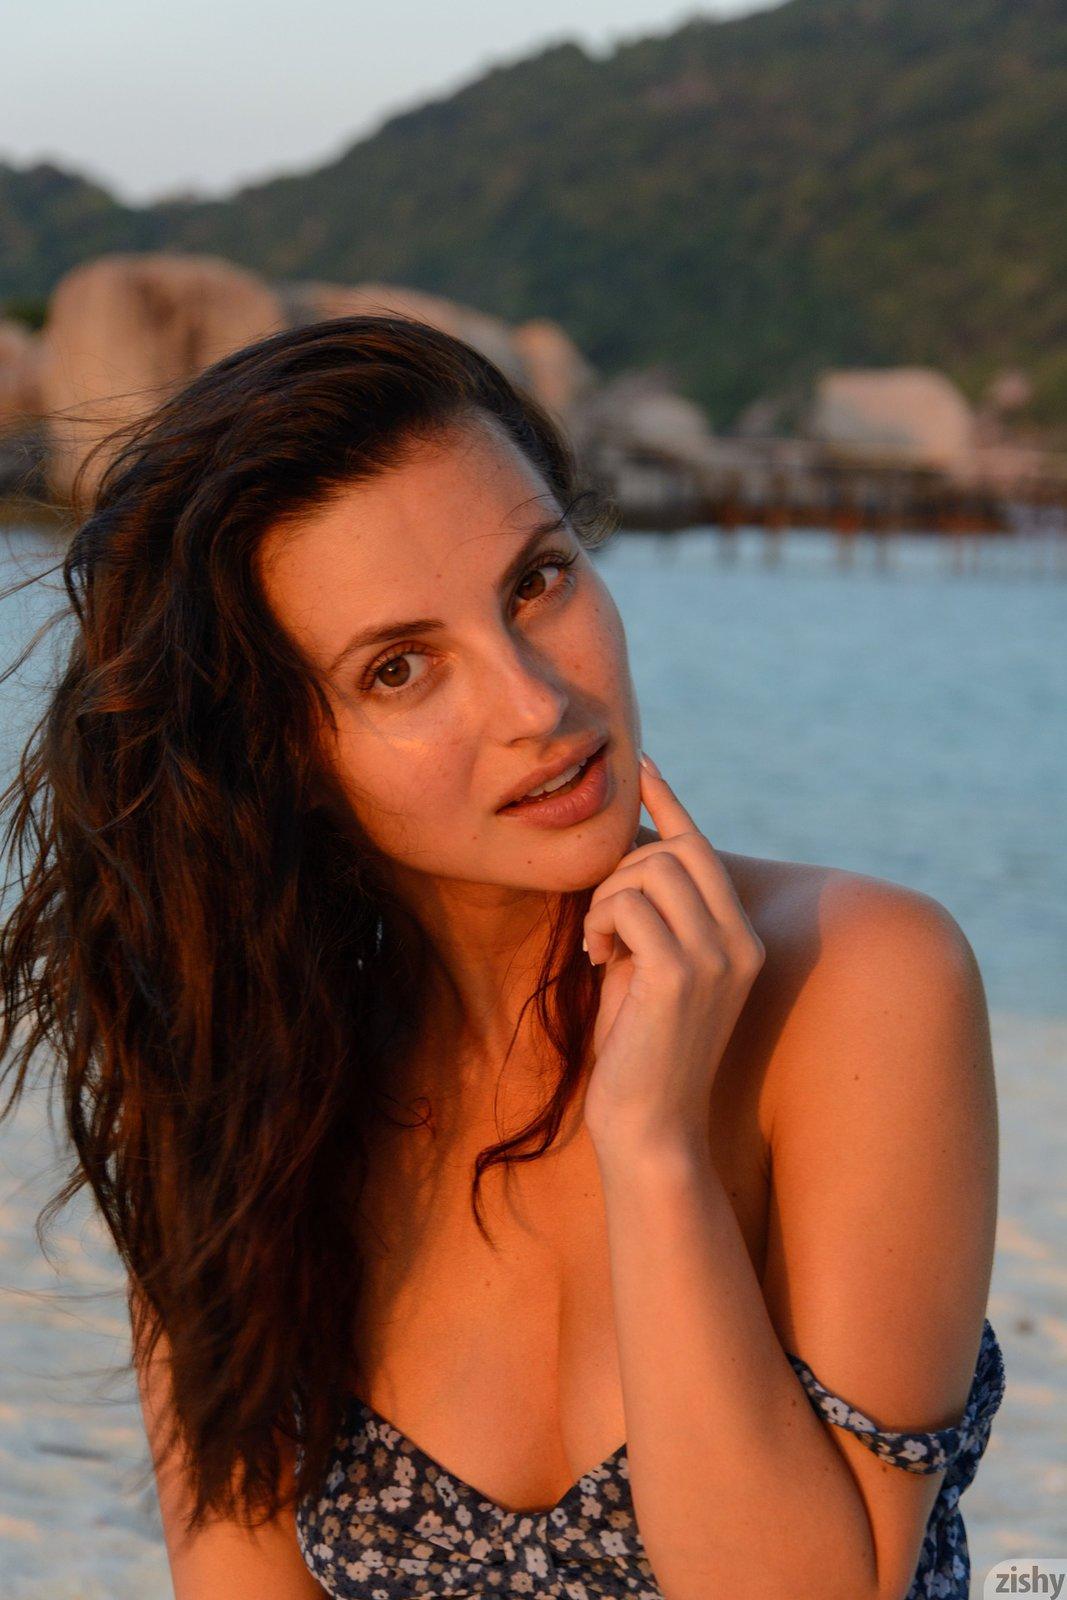 Эротичная девушка в купальнике расслабляется на берегу моря